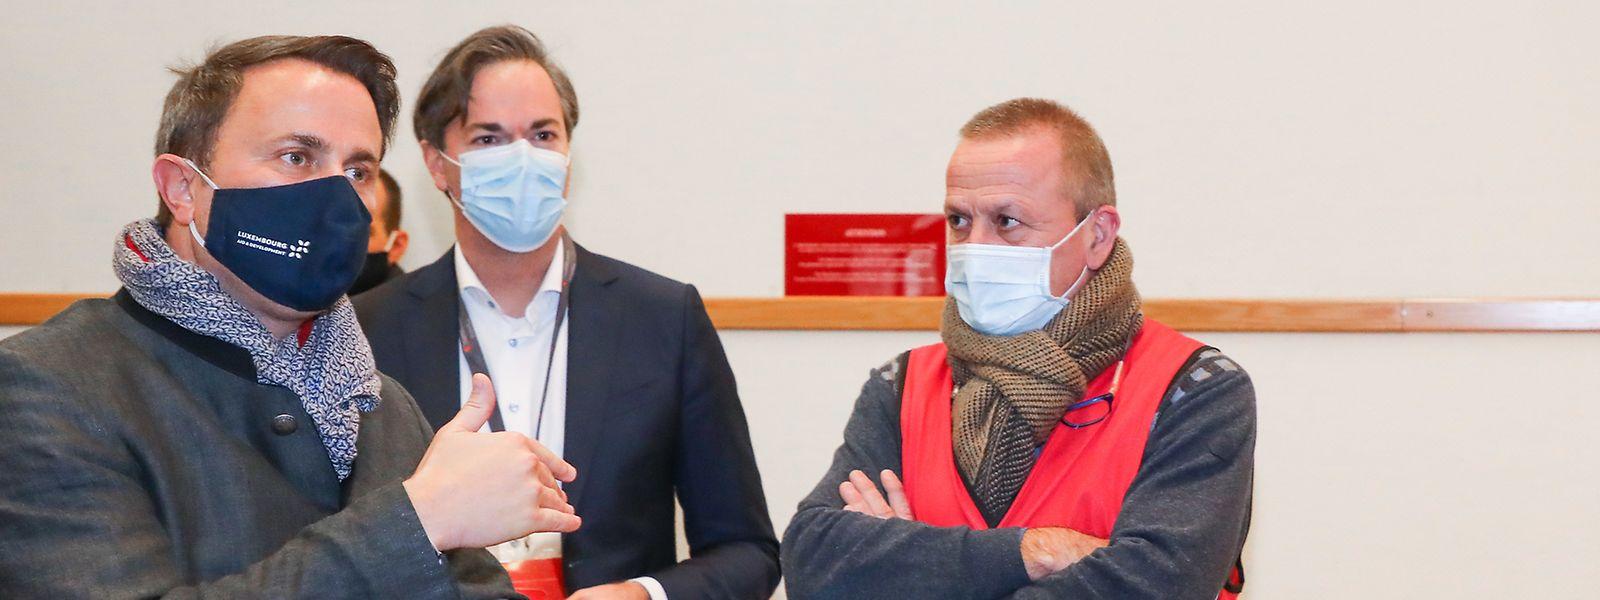 Mercredi soir, Luc Feller (au centre) a pu expliquer au Premier ministre le fonctionnement du premier centre de vaccination à ouvrir, au Limpertsberg.